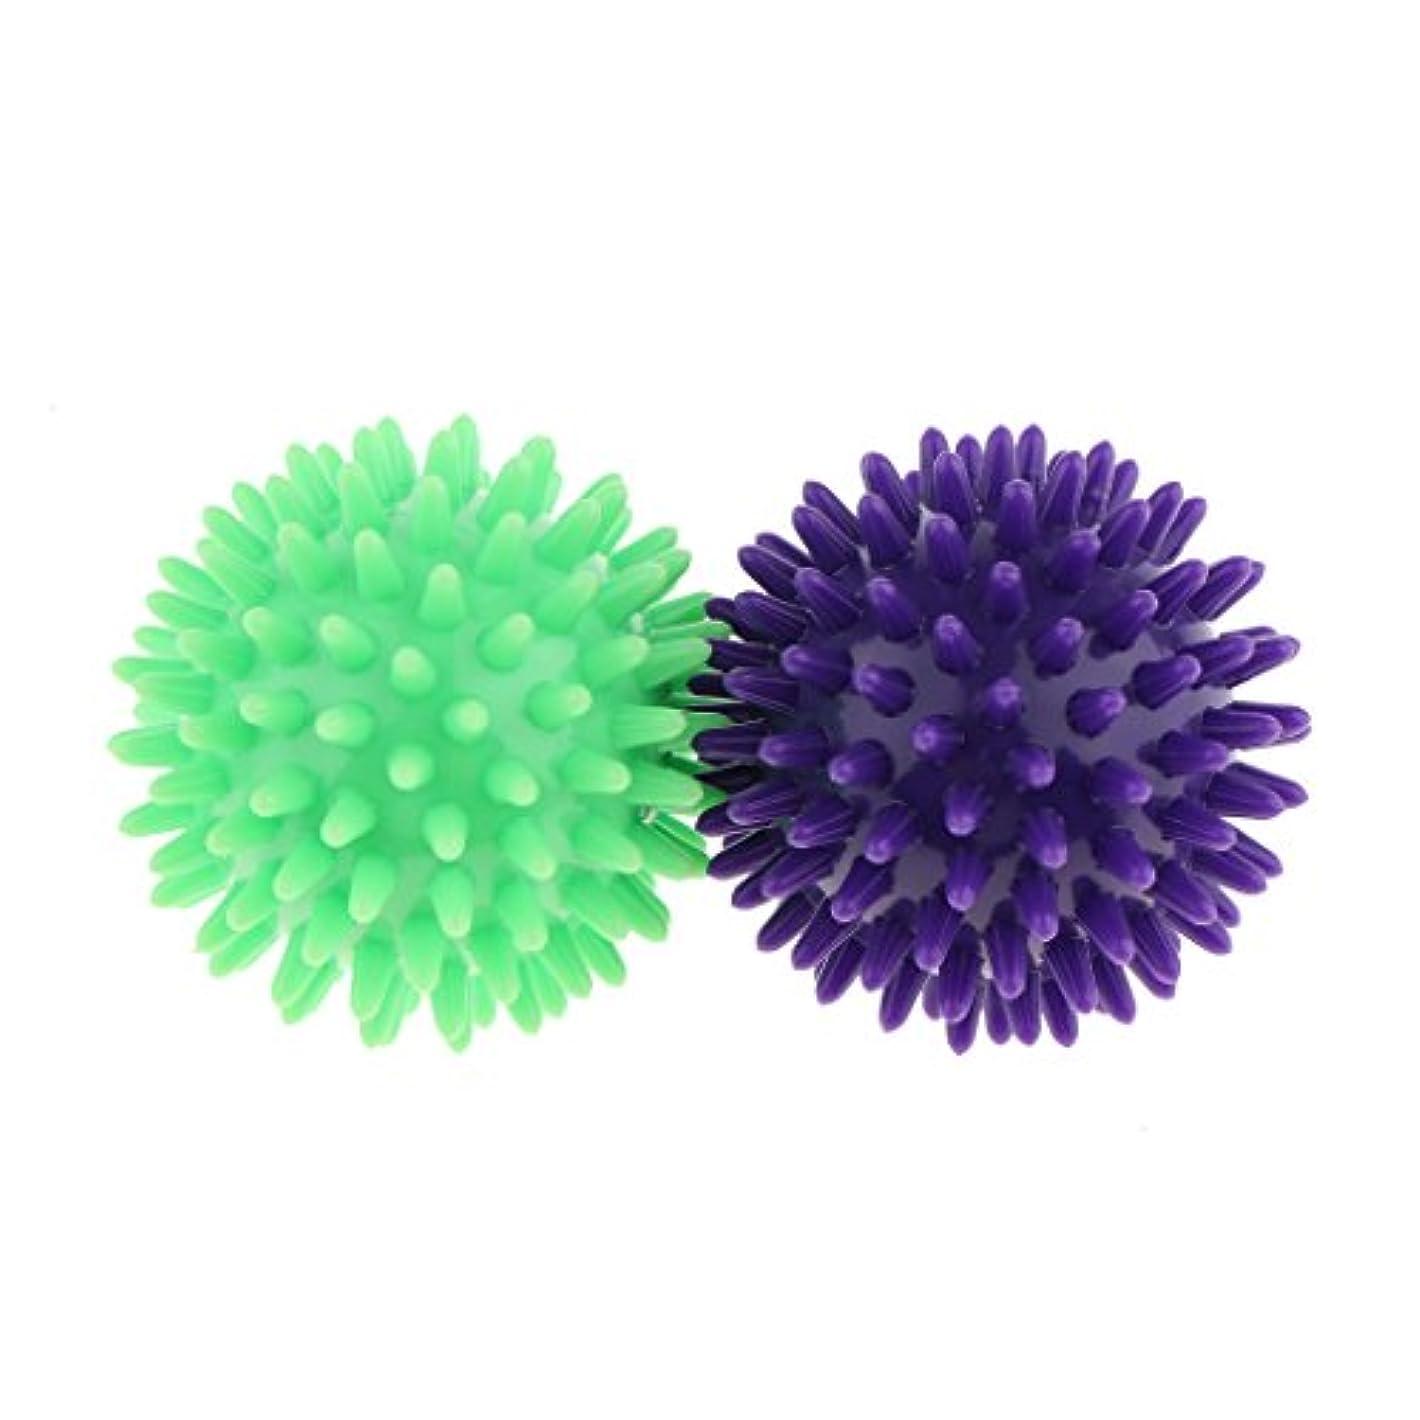 電信悪化させる落とし穴Kesoto マッサージボール スパイシー マッサージ ボール ボディトリガー ポイント 2個セット 3タイプ選べ - 紫ライトグリーン